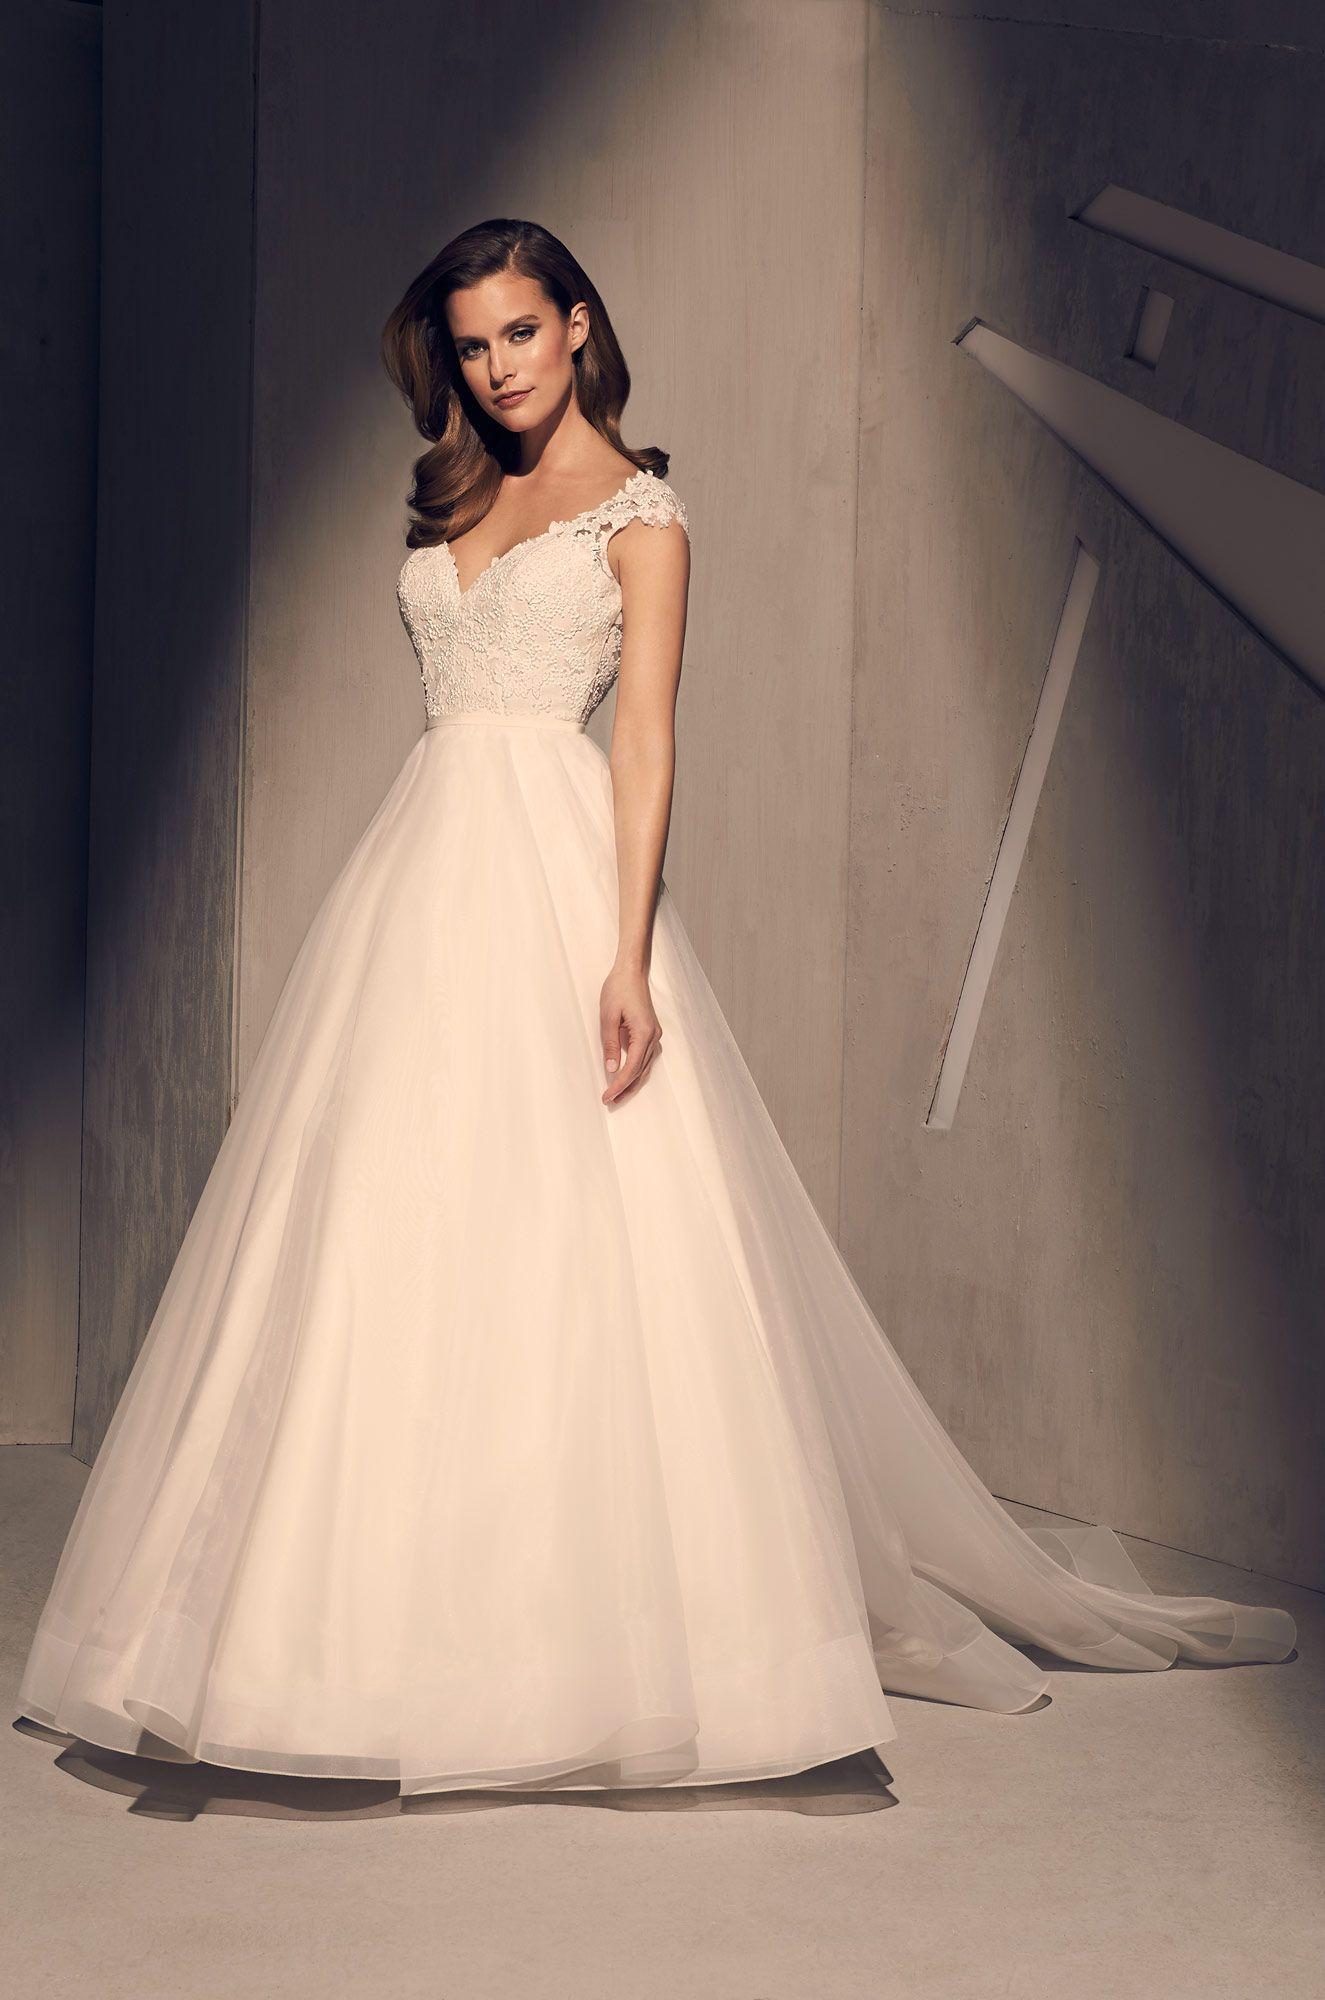 Royal organza skirt wedding dress style a wedding board